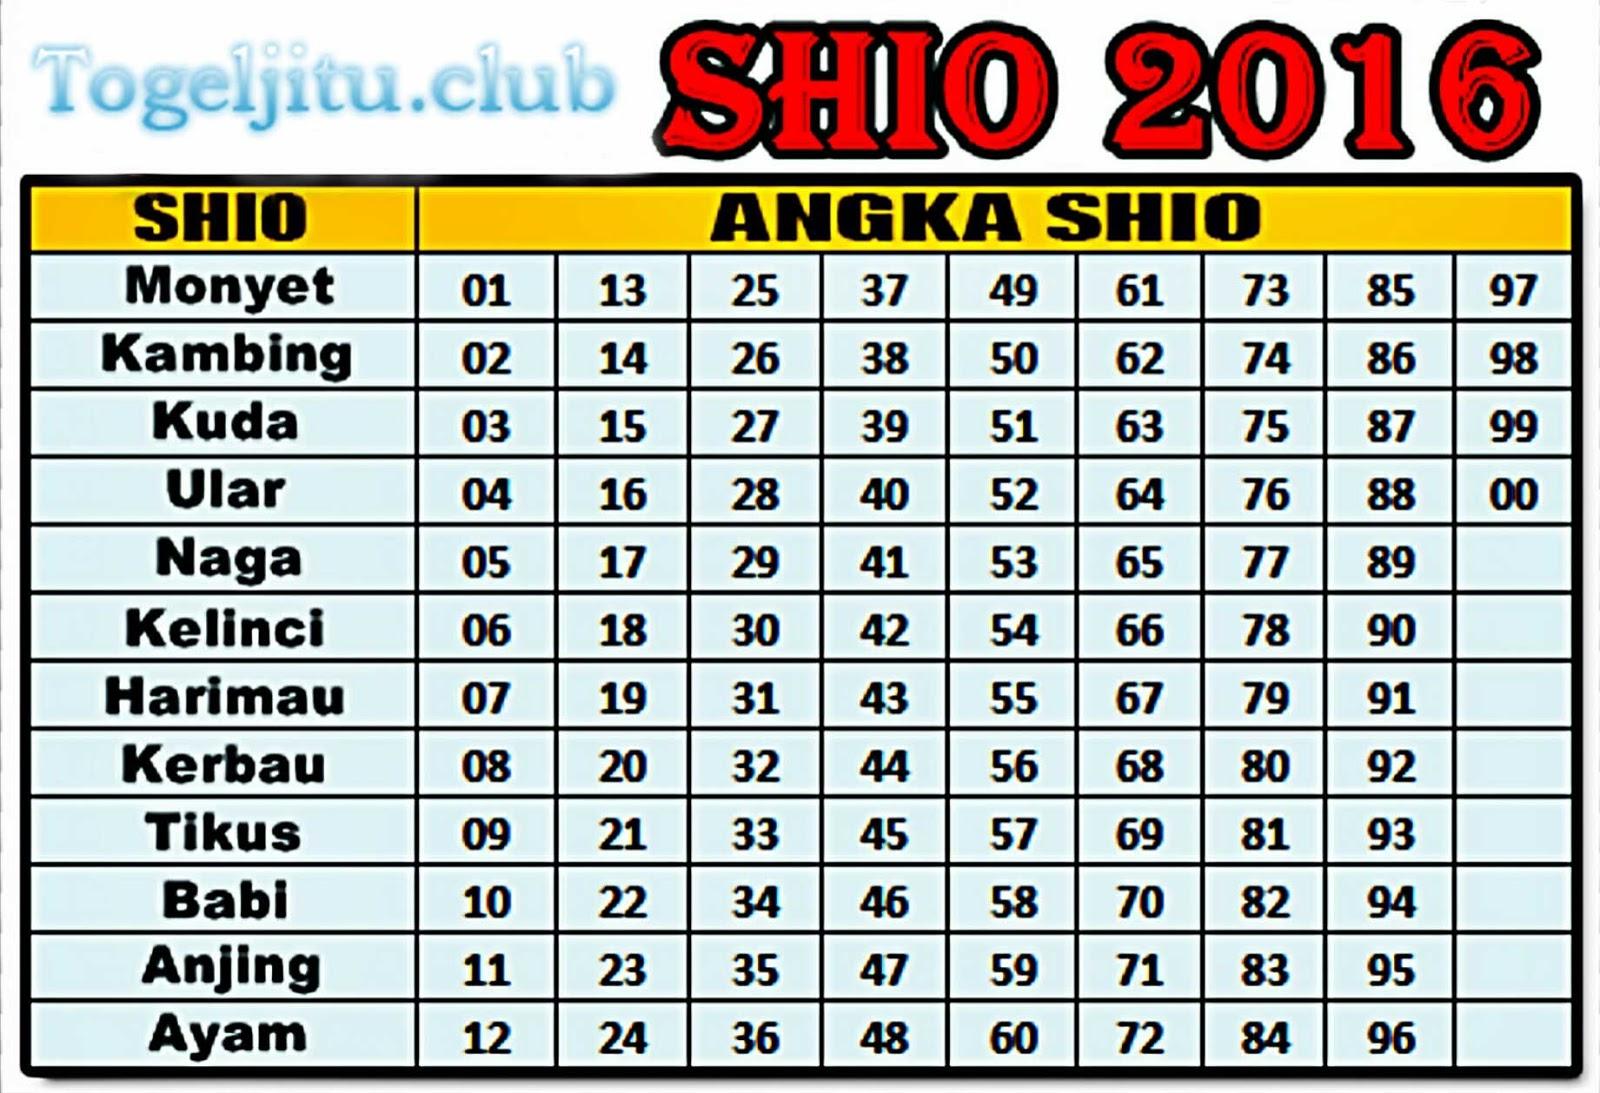 Shio 2016